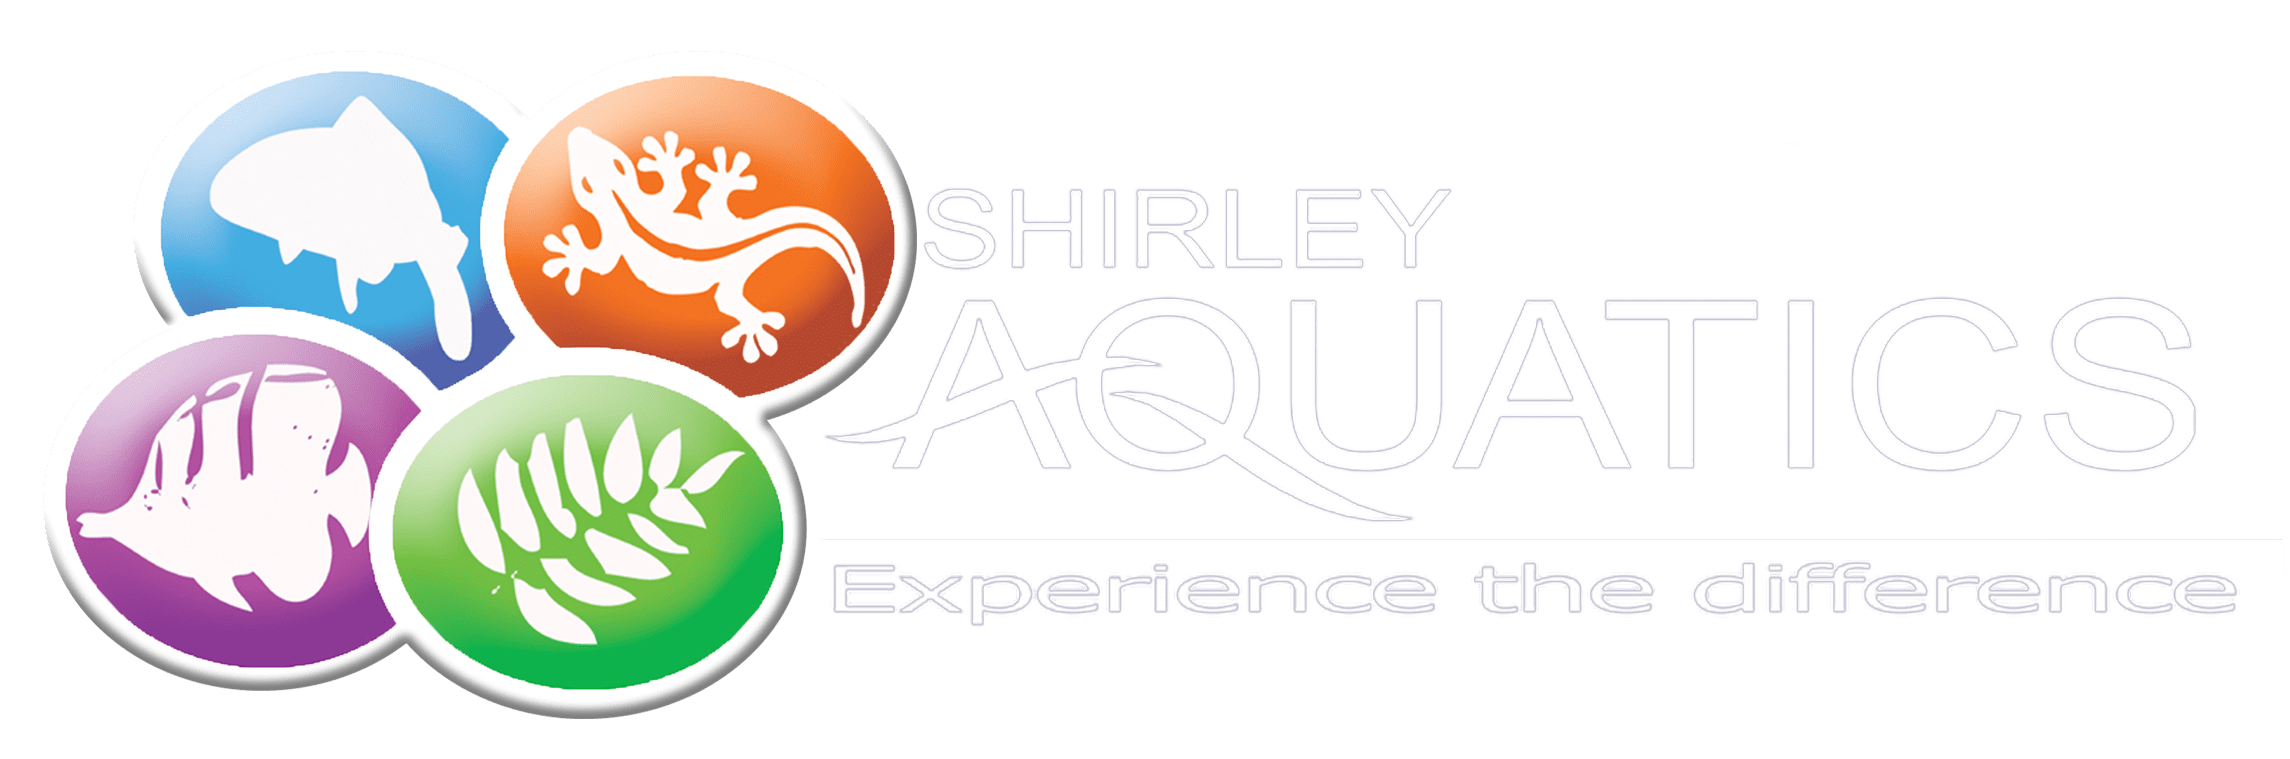 Shirley Aquatics